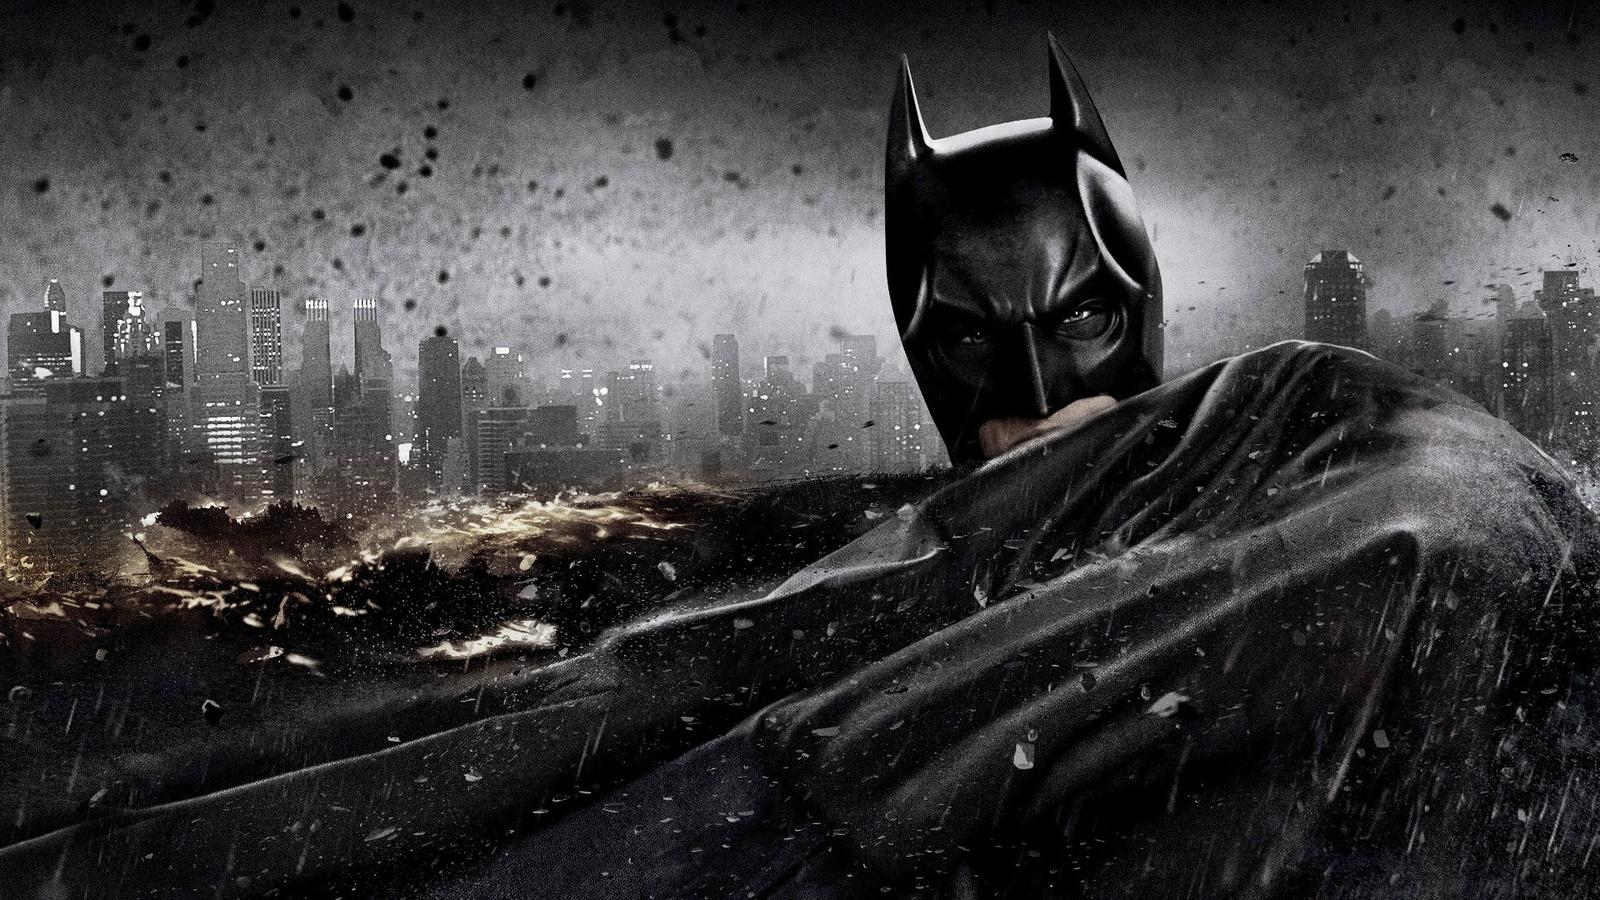 В 2021 году выйдет сюжетных подкаст о Бэтмене. Историю пишет соавтор «Темного рыцаря»